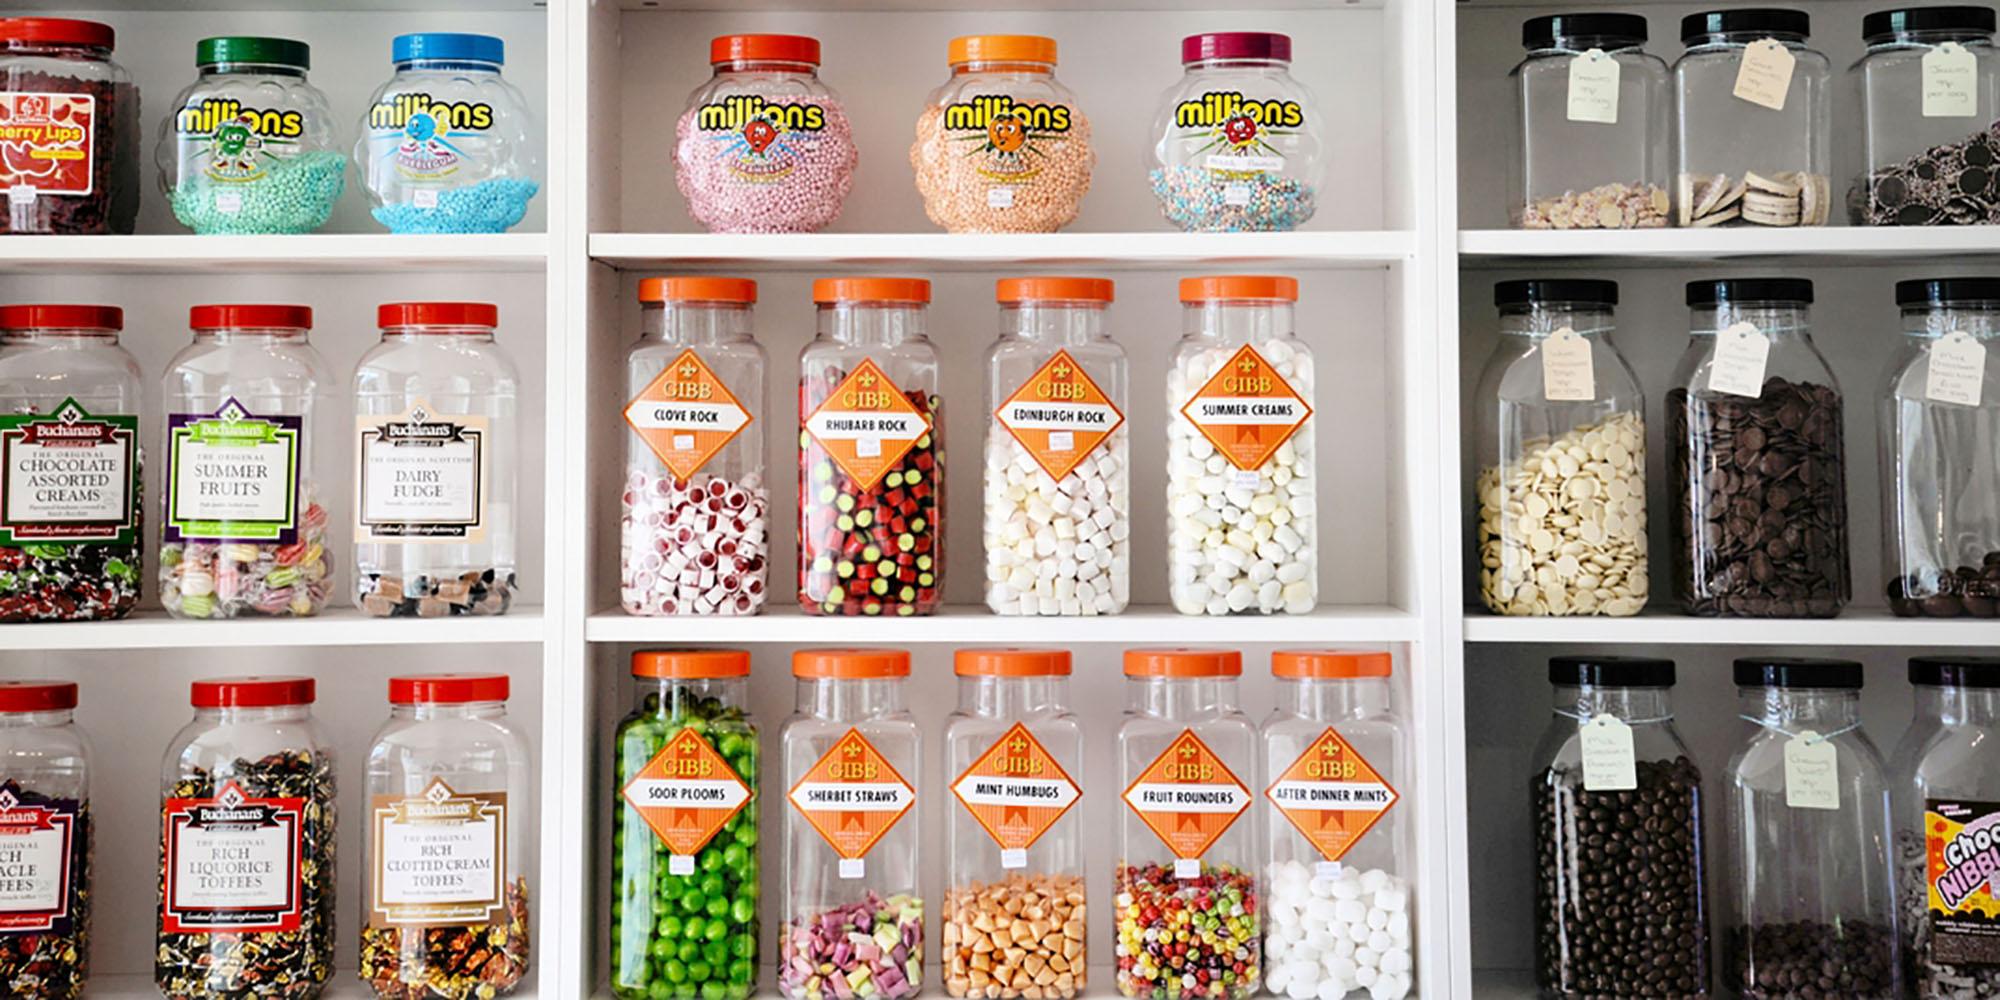 The Sweetie Jar